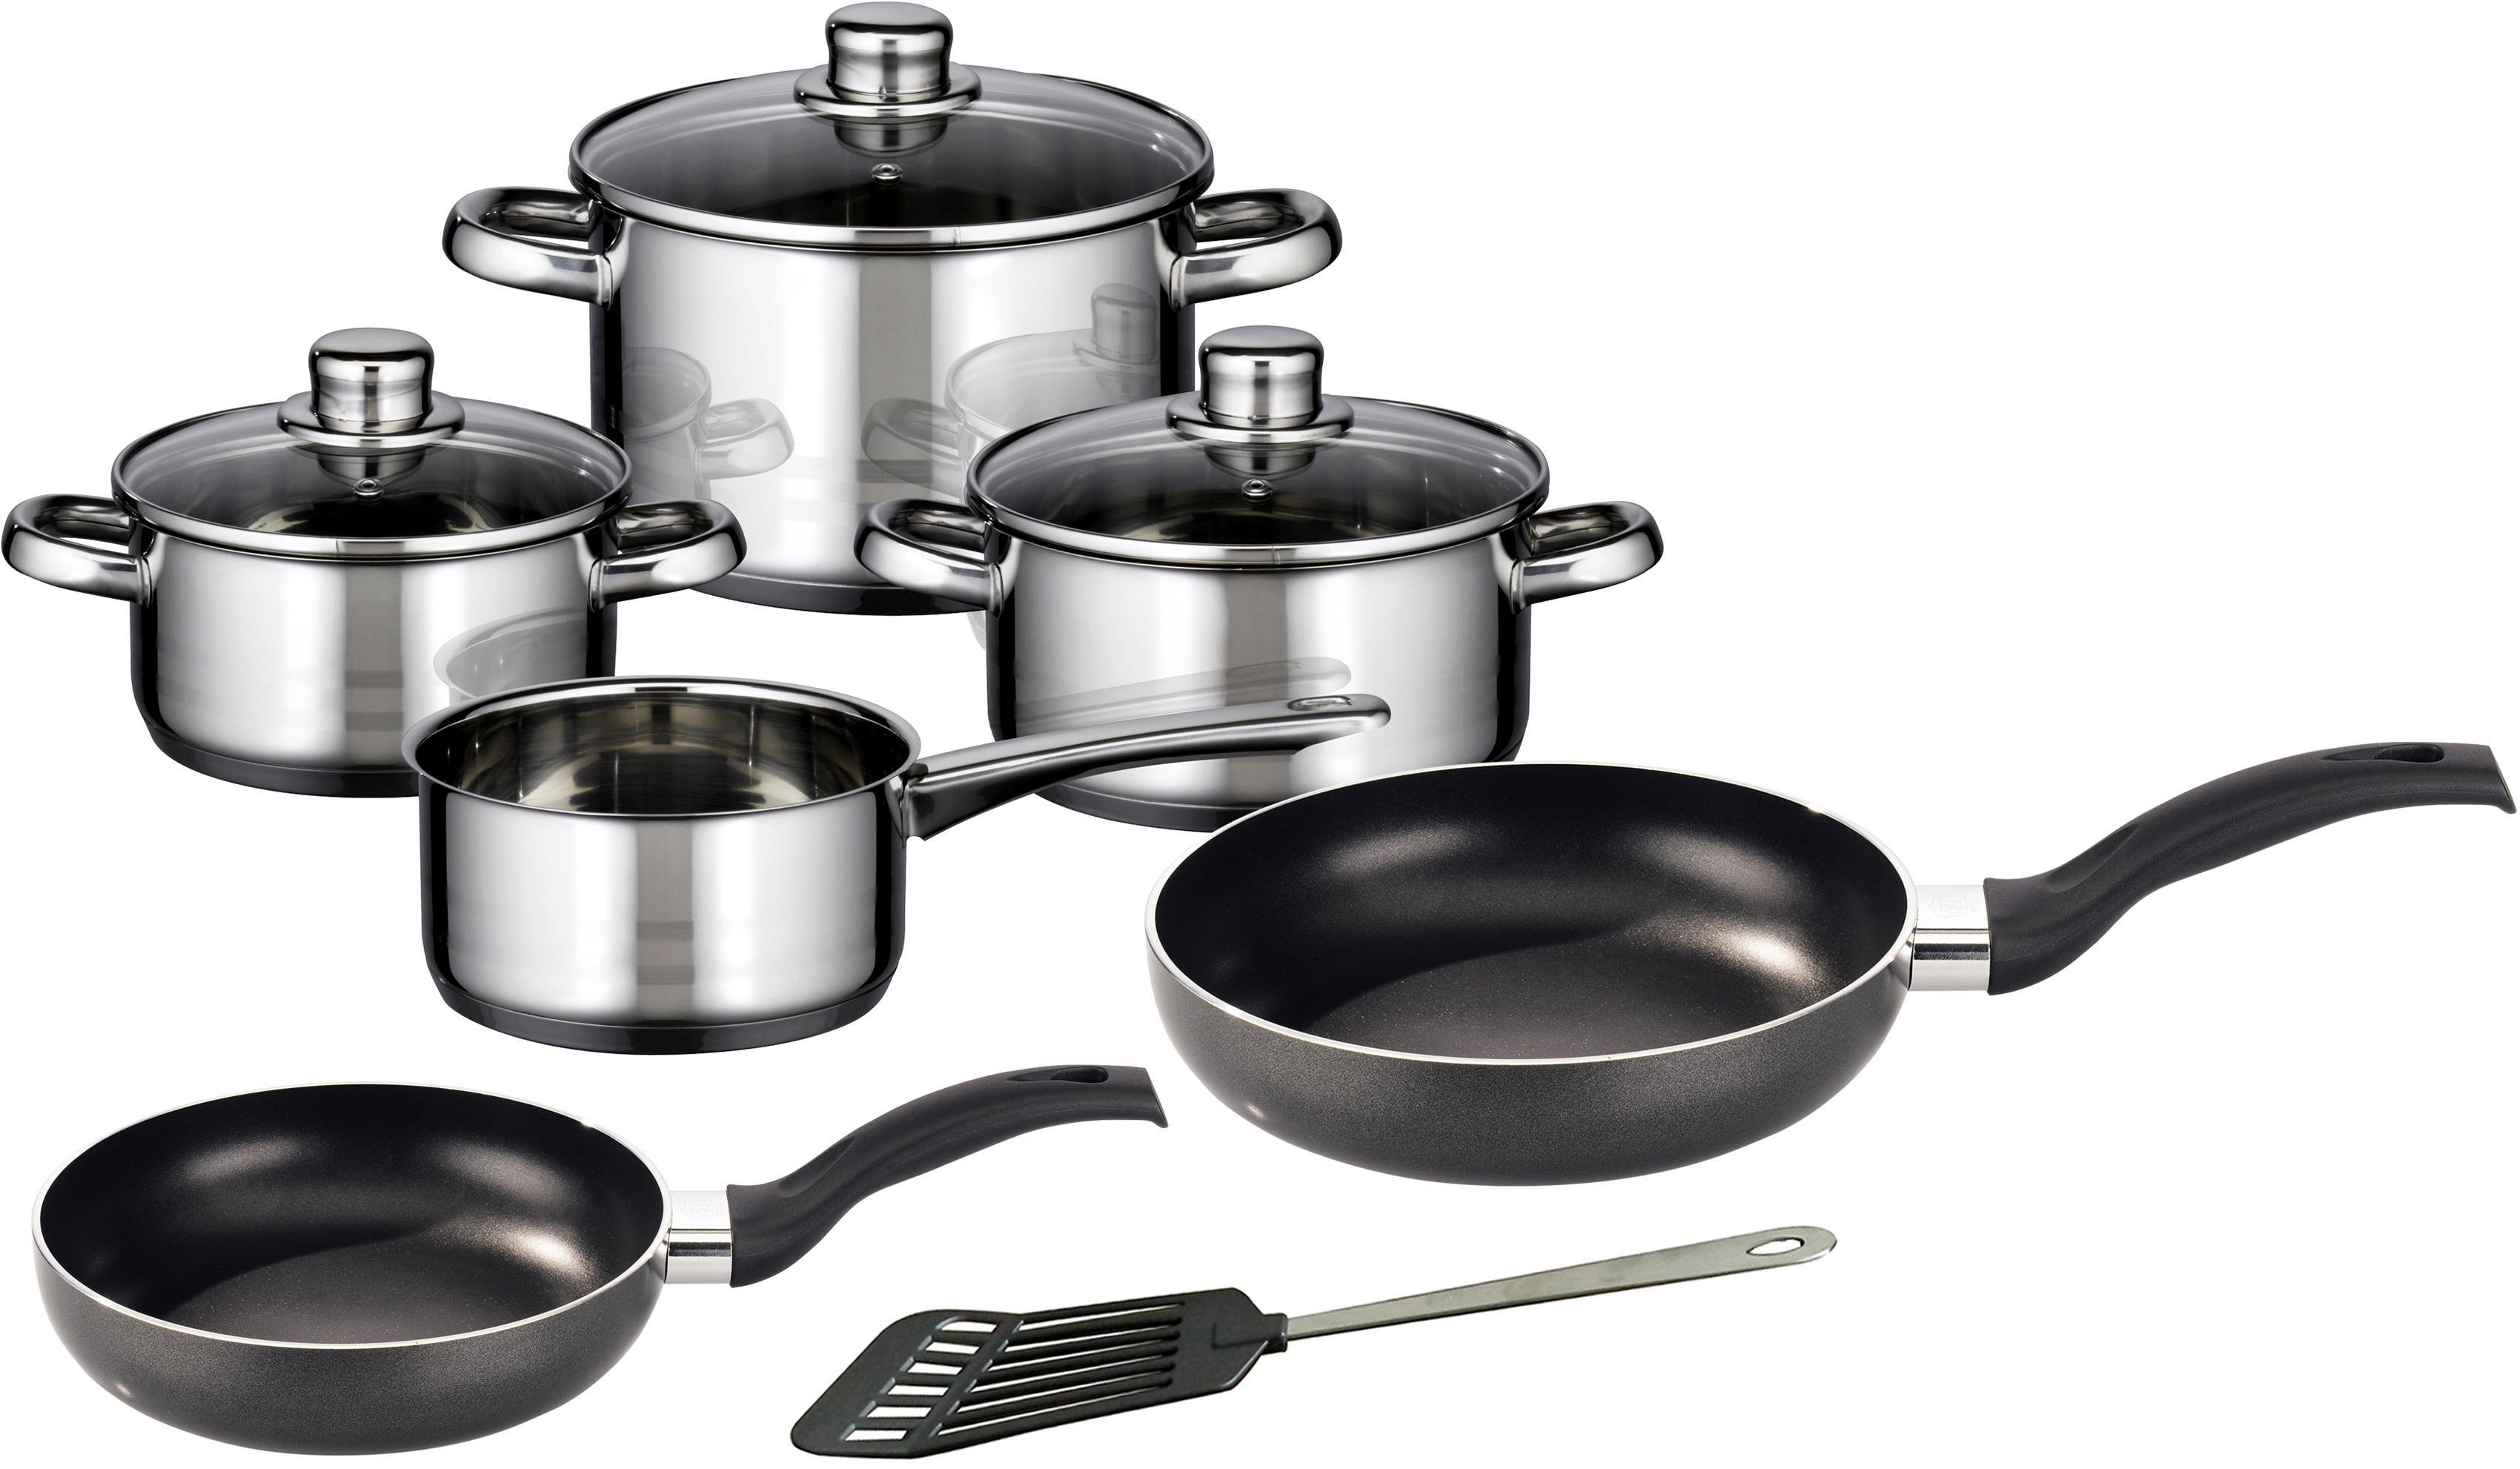 Elo - Meine Küche Meine Küche pannenset, 7-delig, + pannenset, 2-delig, spatel, inductie, »Skyline« voordelig en veilig online kopen